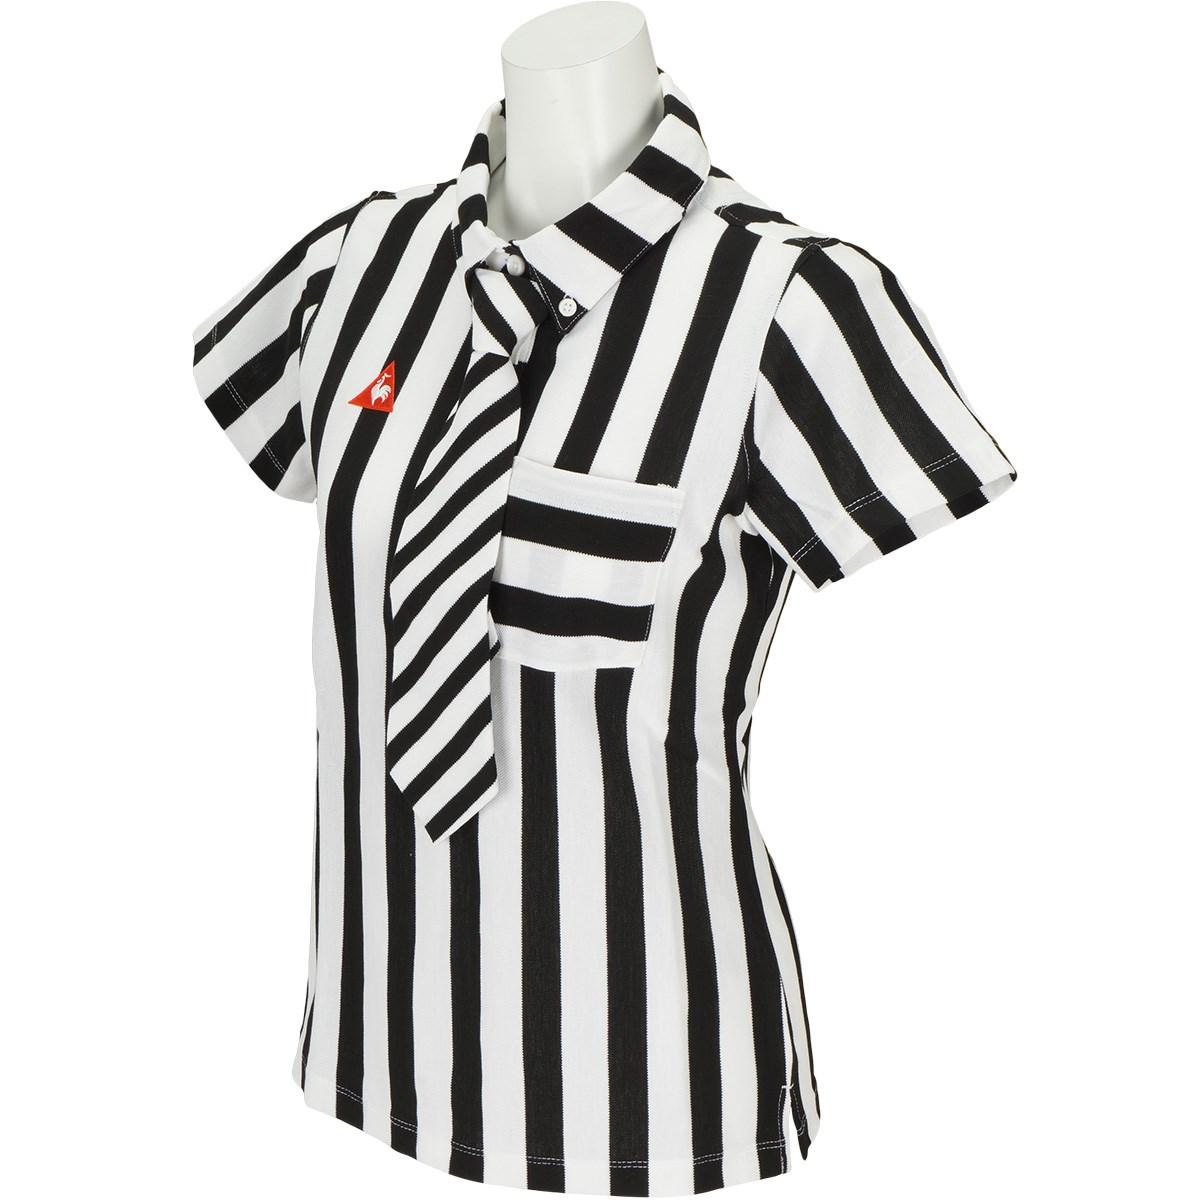 ルコックゴルフ Le coq sportif GOLF 半袖ポロシャツ S ブラック 00 レディス